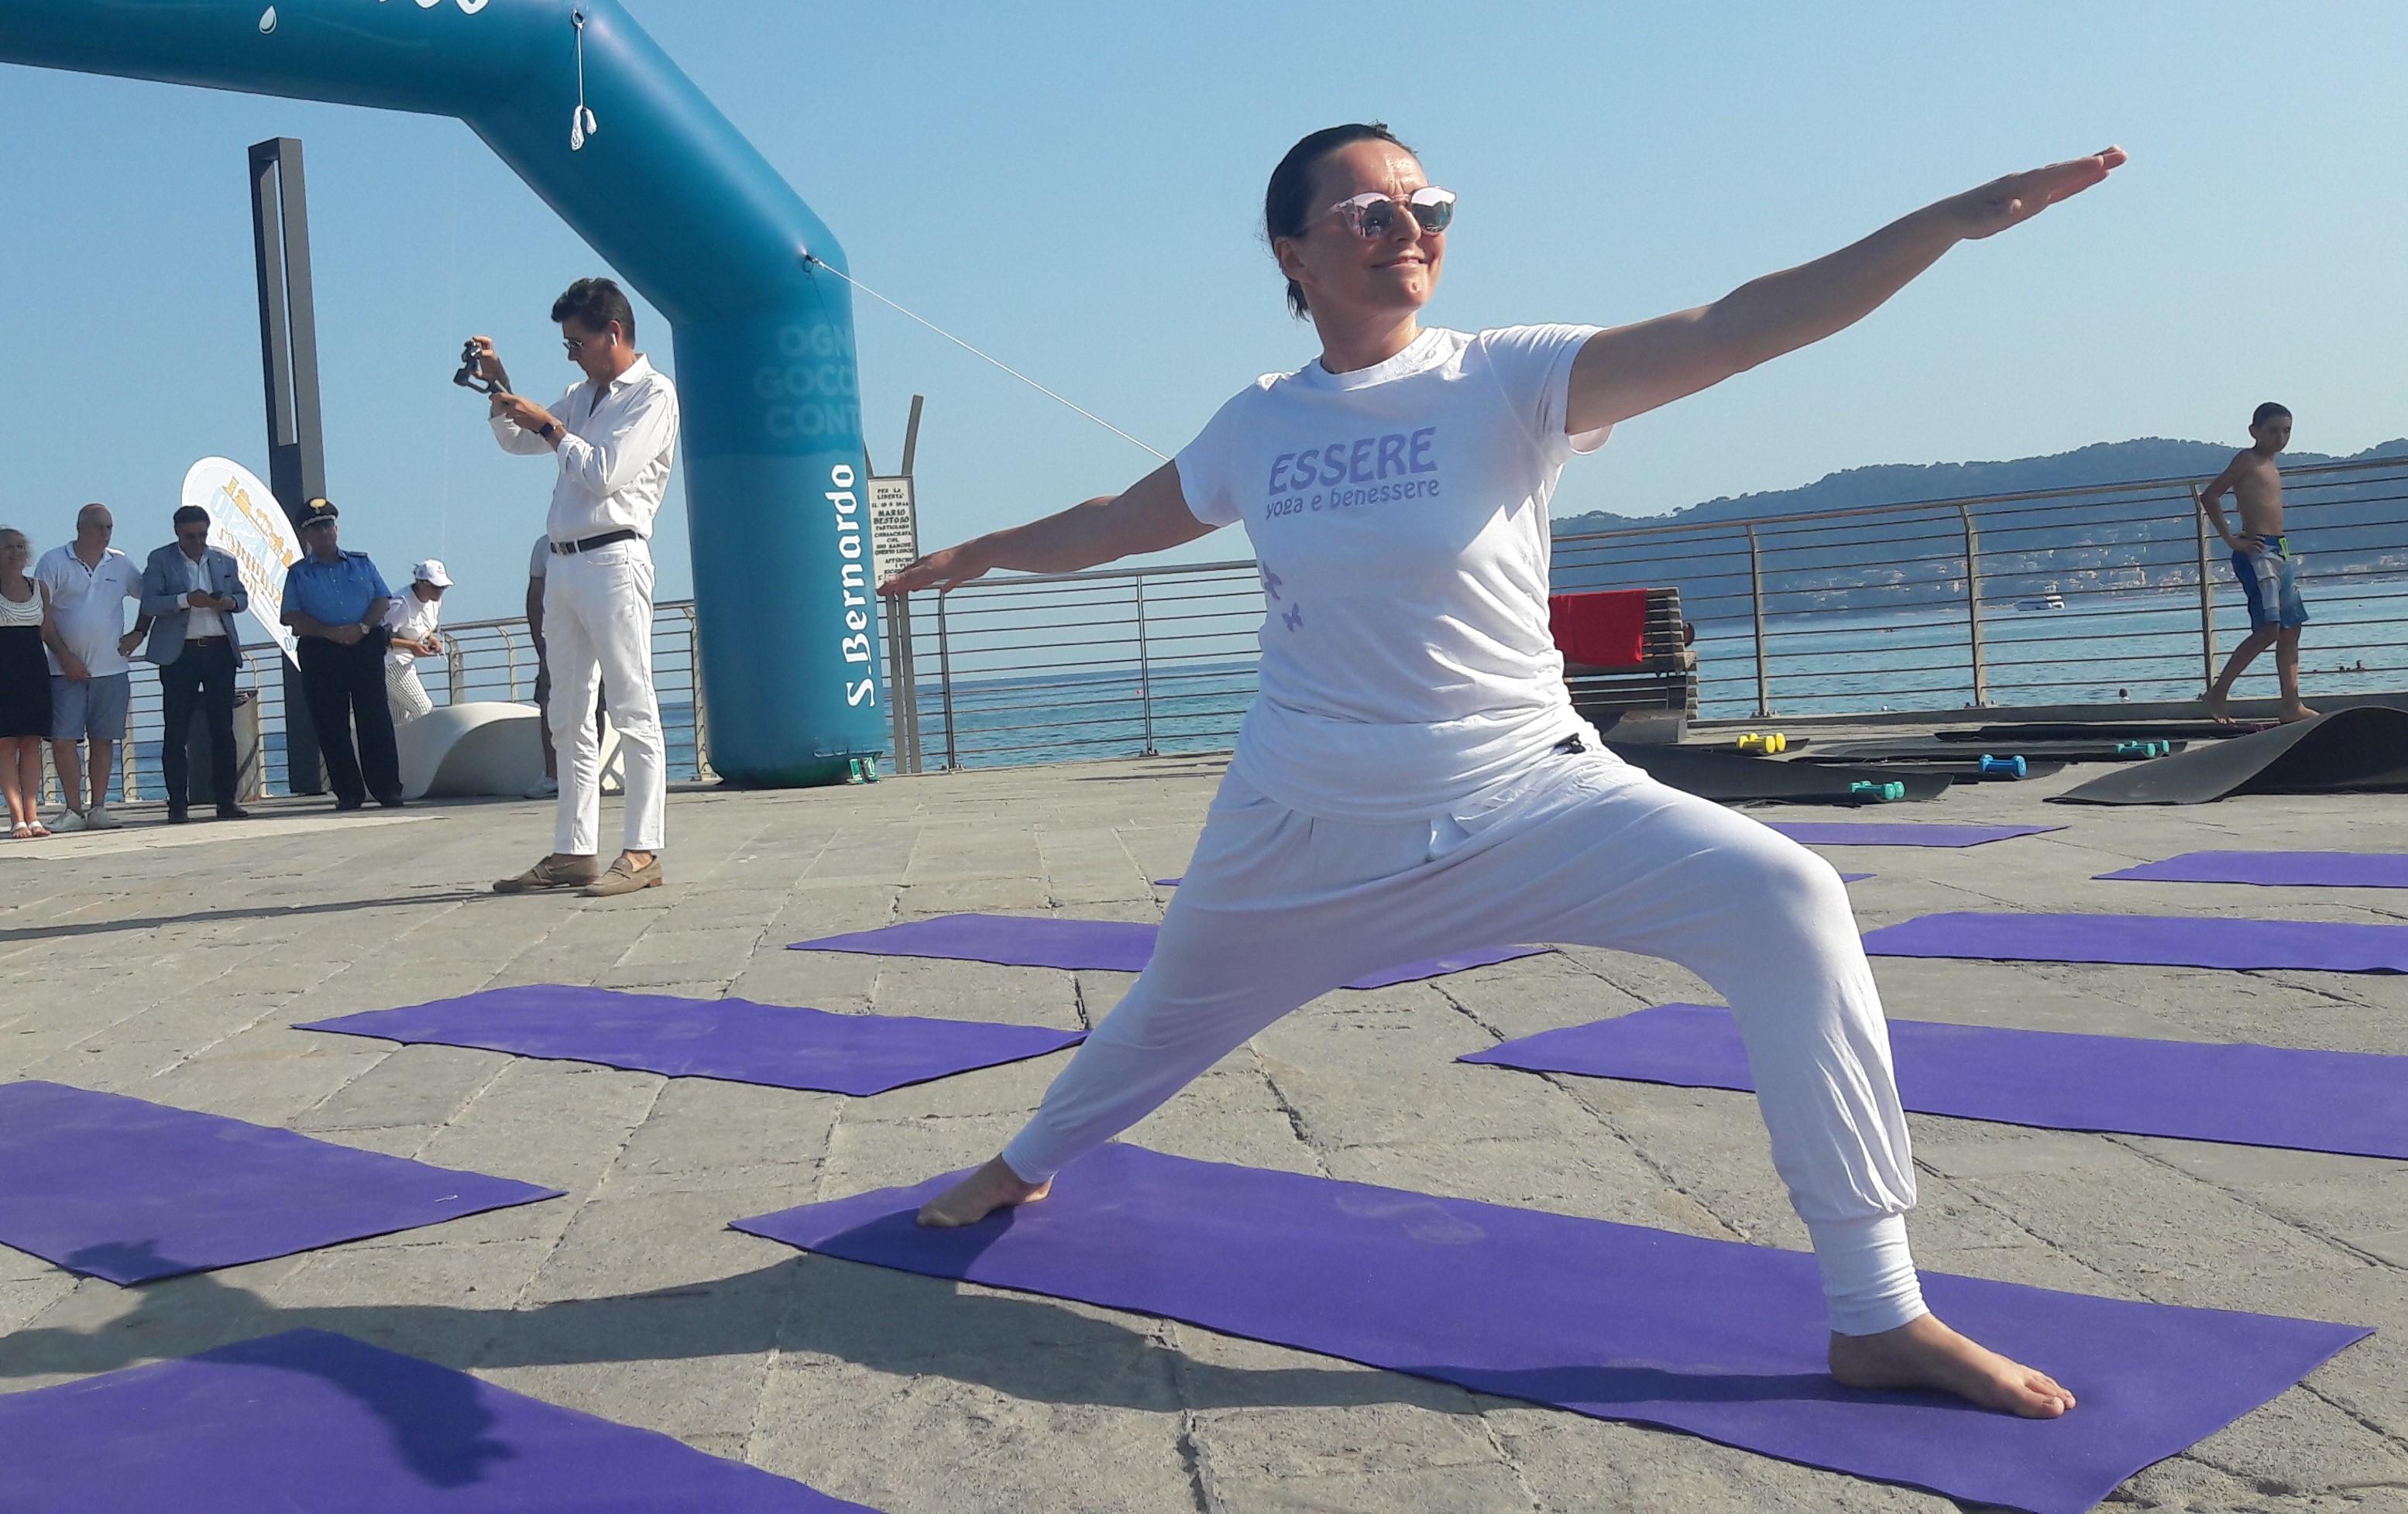 essere-free-yoga-gratuito-benessere-per-tutti-village-citta-alassio-estate-lucia-ragazzi-summer-town-wellness-039